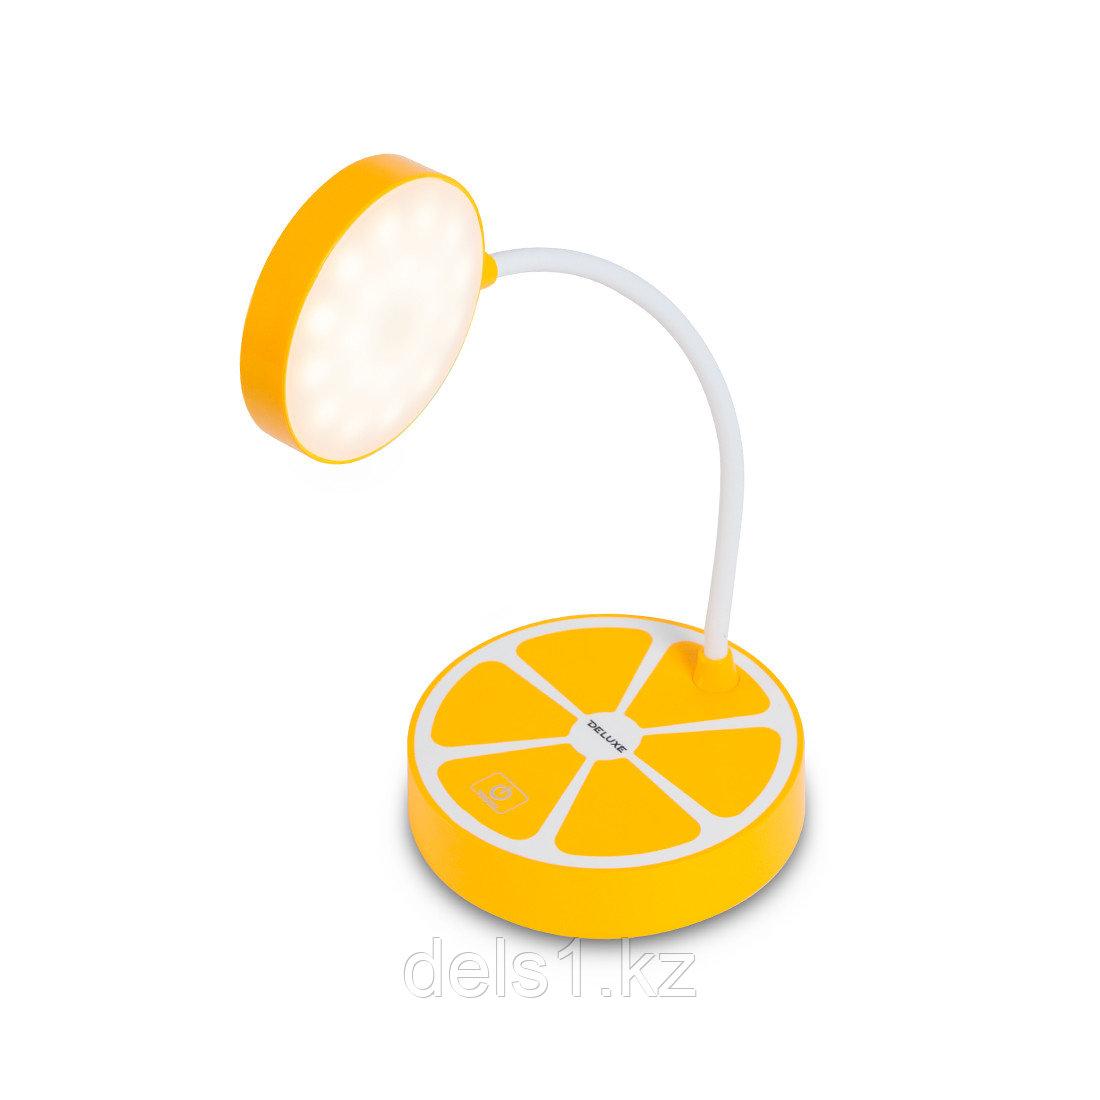 Настольная светодиодная лампа Deluxe Paradisi-Y (LED 2W)